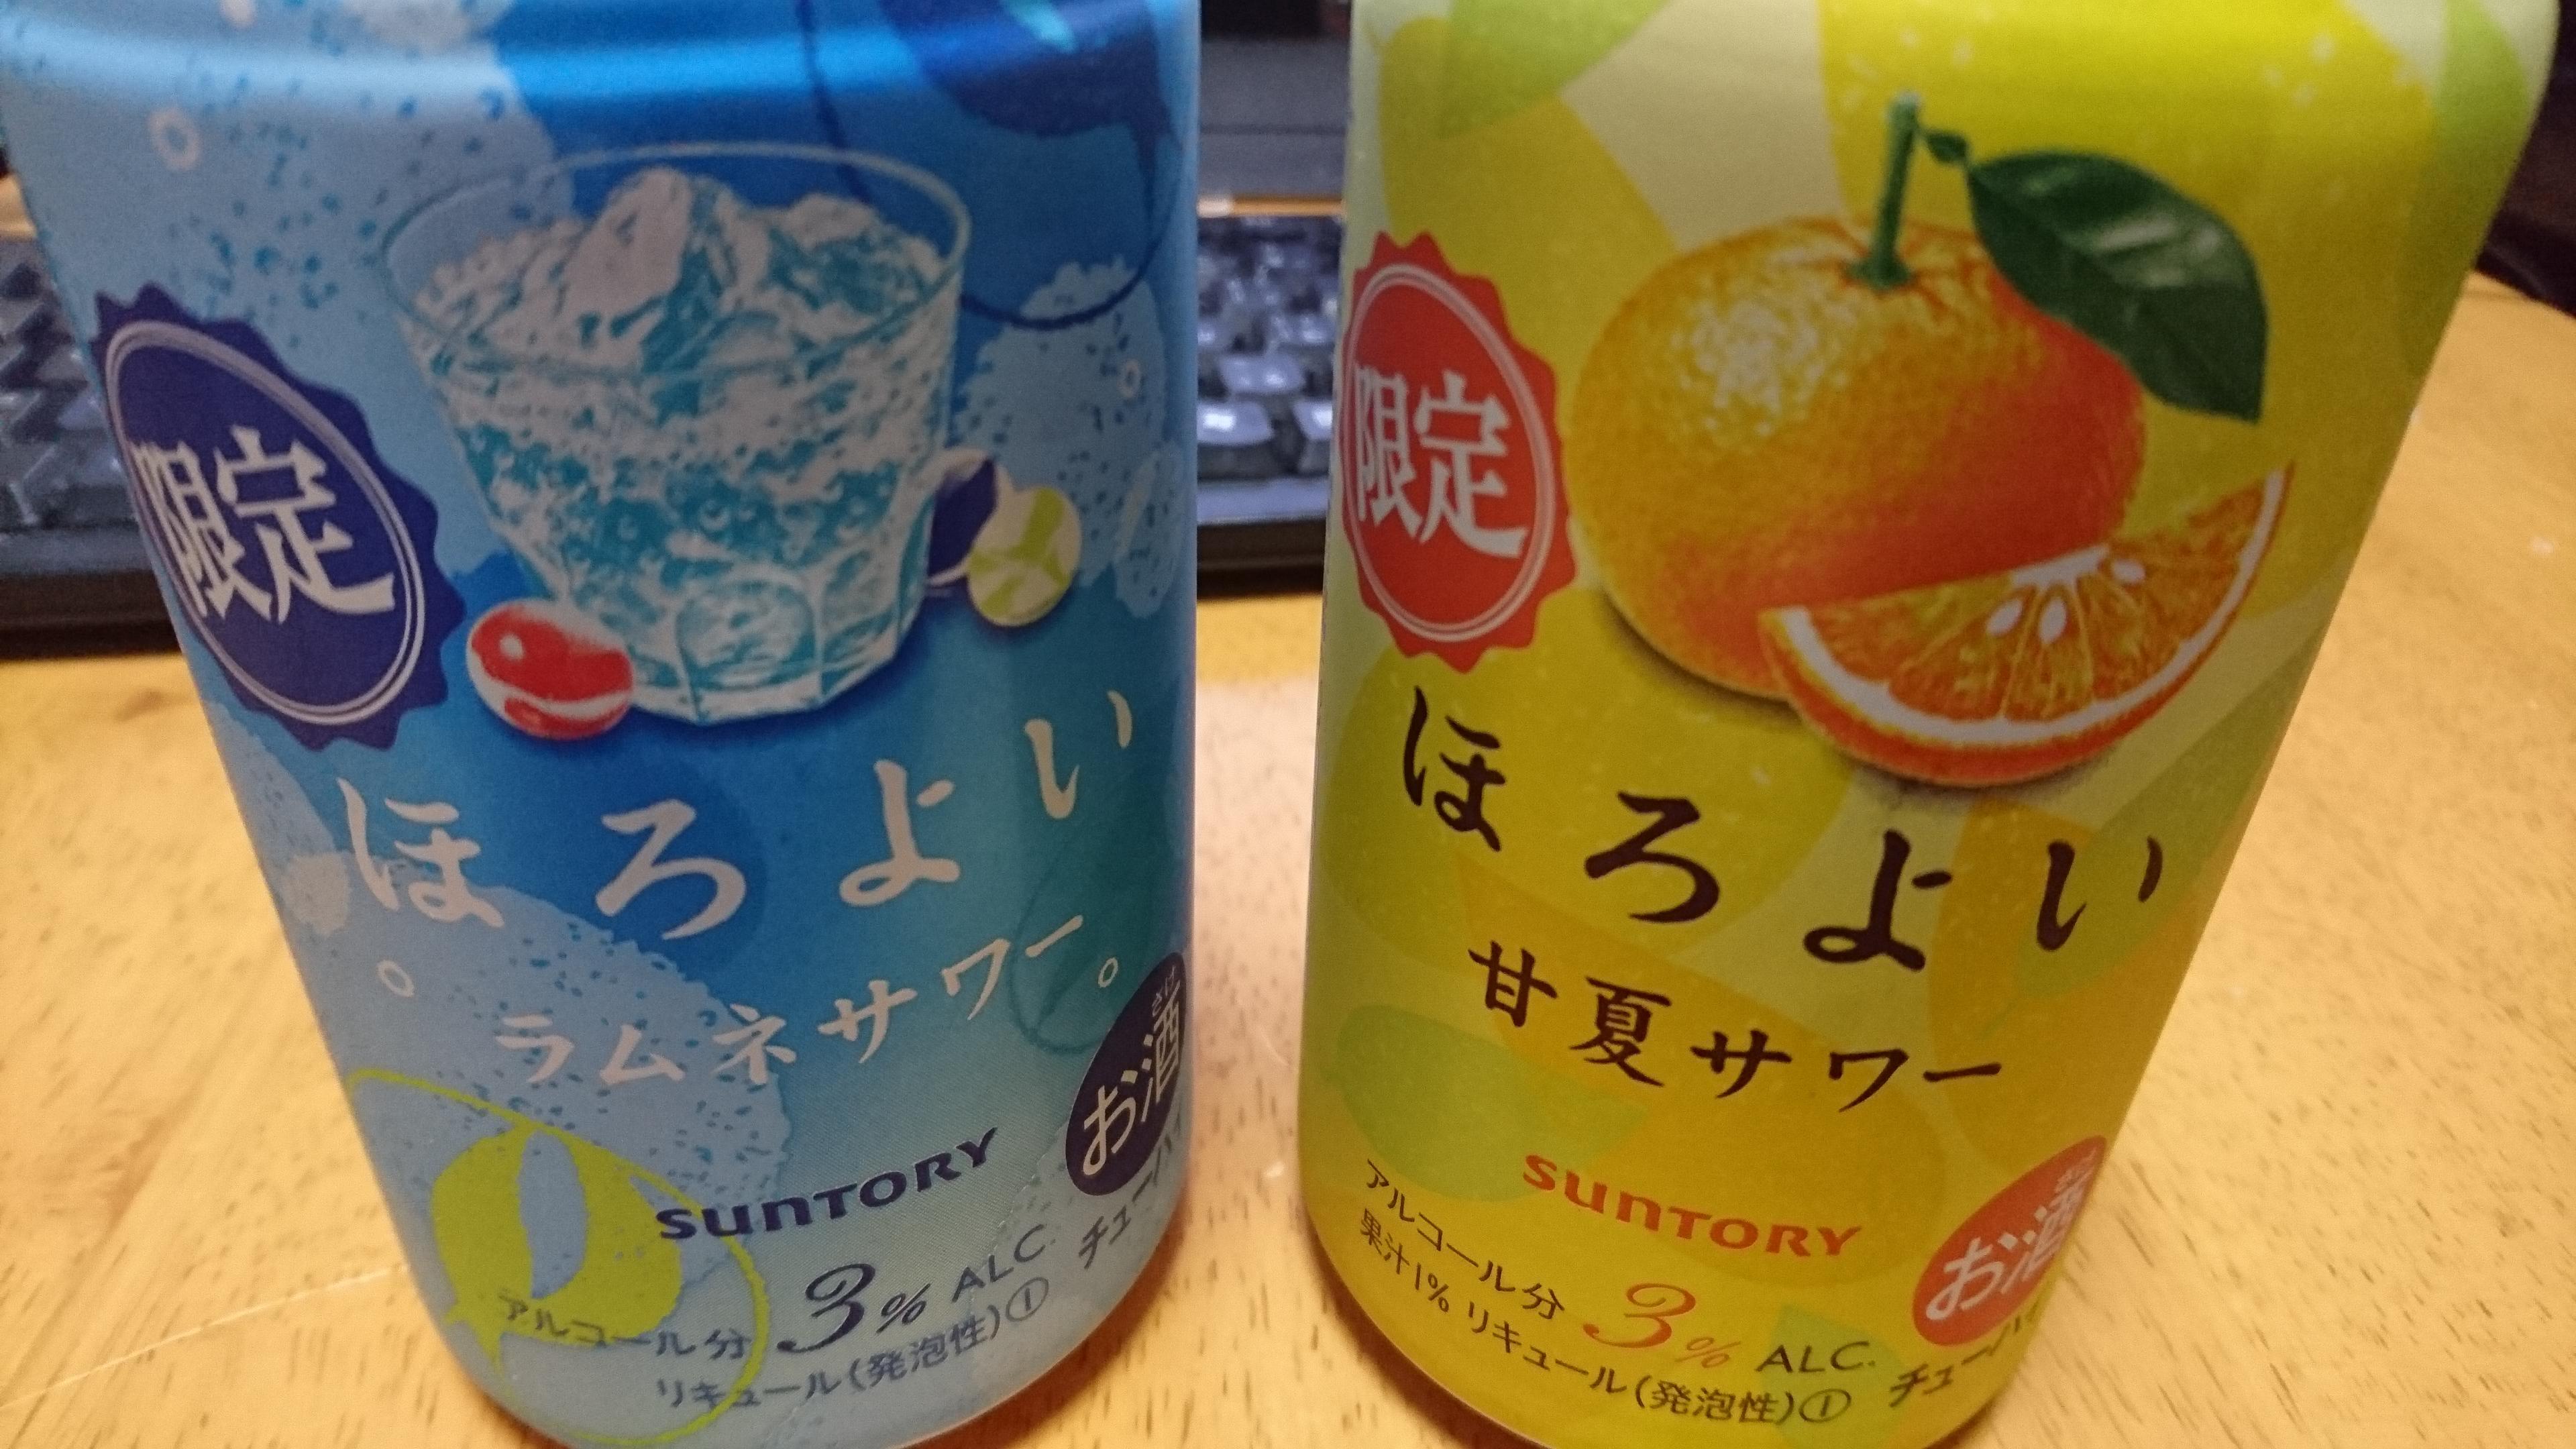 【期間限定】「ほろよい」(ラムネサワー)と(甘夏サワー)を買った!【お酒】